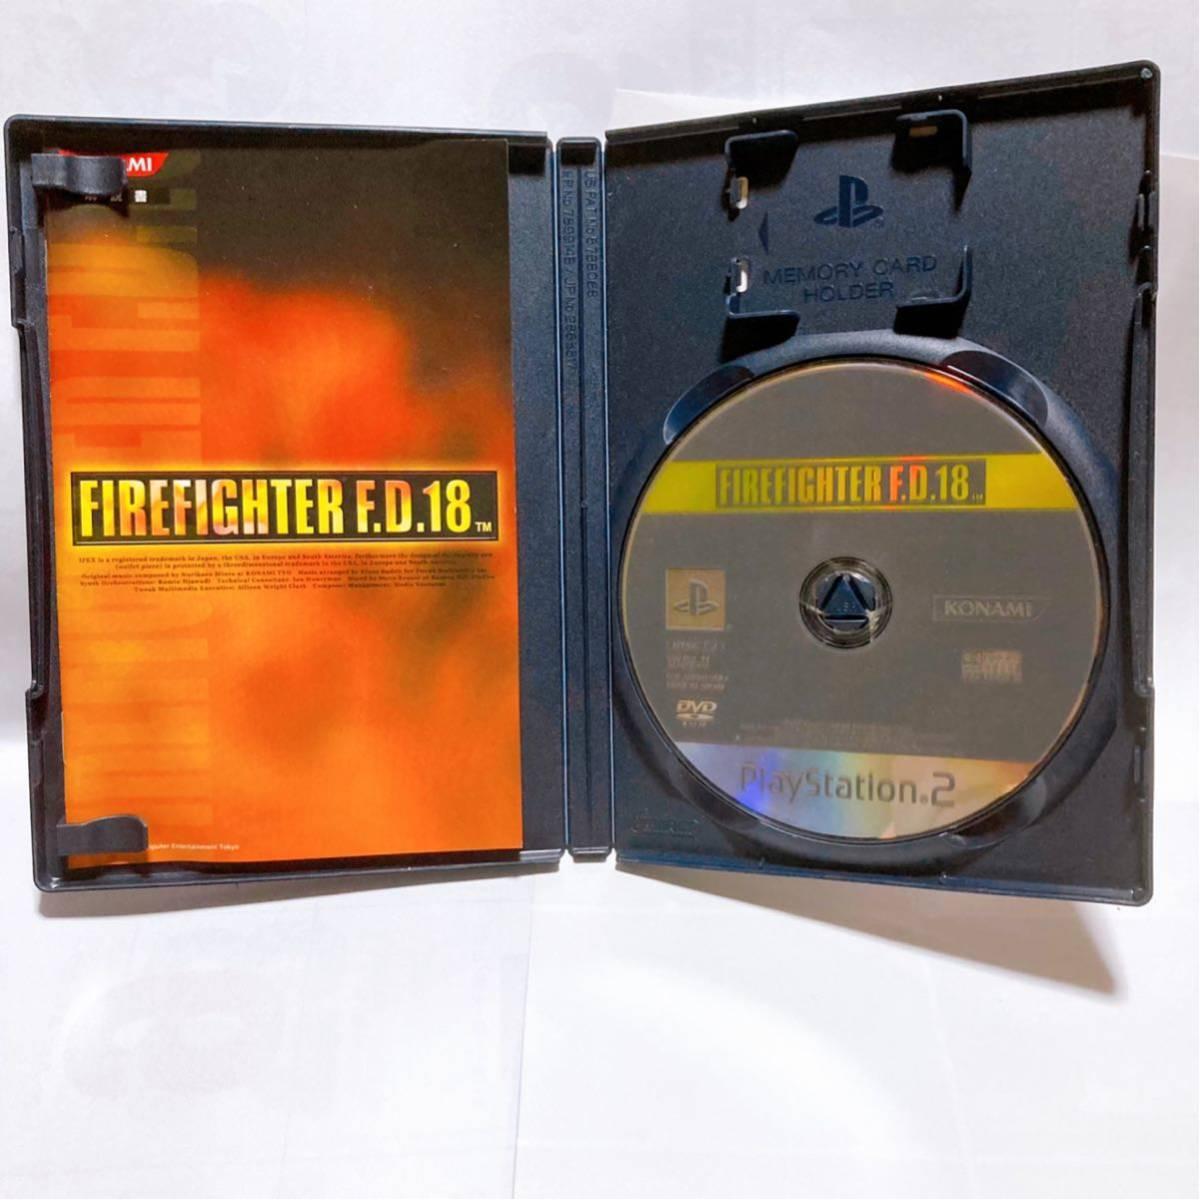 PS2 ファイアーファイター F.D.18 【プレステ2 プレイステーション2 FIREFIGHTER F.D.18】